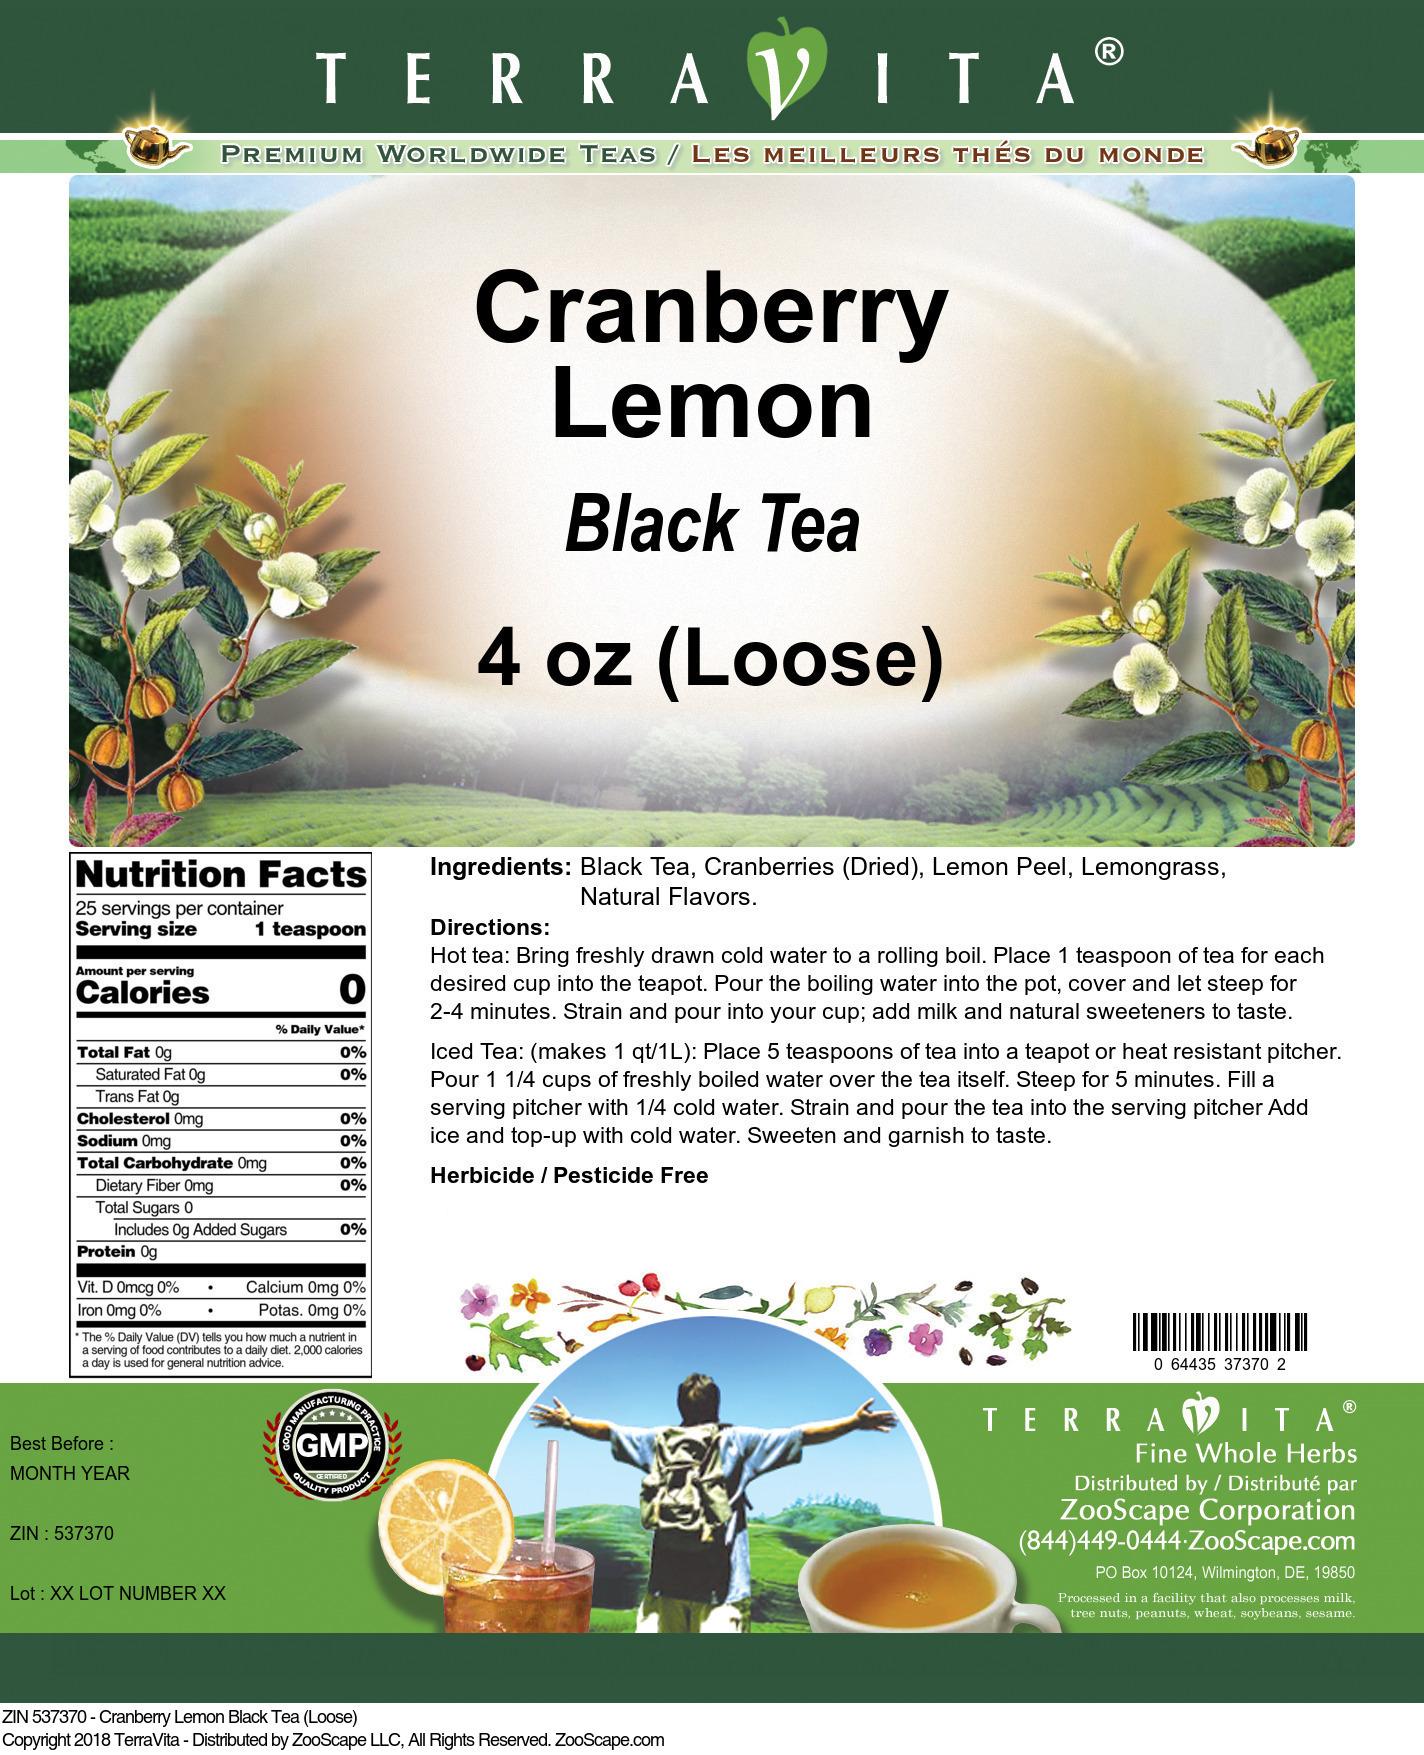 Cranberry Lemon Black Tea